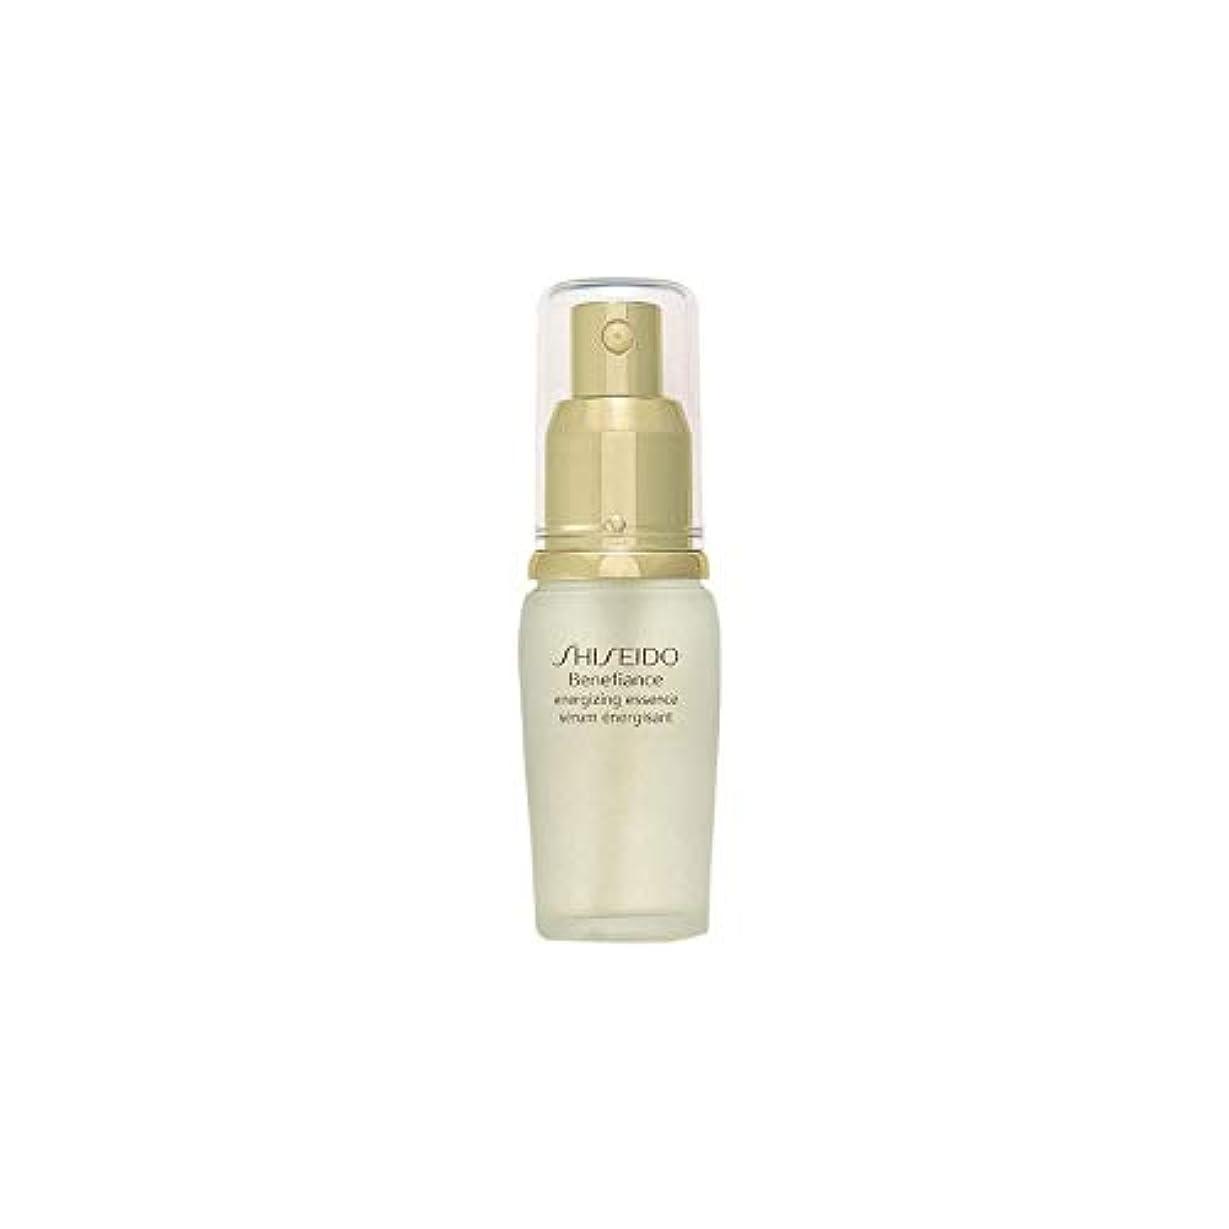 原始的な買うおしゃれな[Shiseido] 資生堂ベネフィアンス通電エッセンス(30ミリリットル) - Shiseido Benefiance Energising Essence (30ml) [並行輸入品]